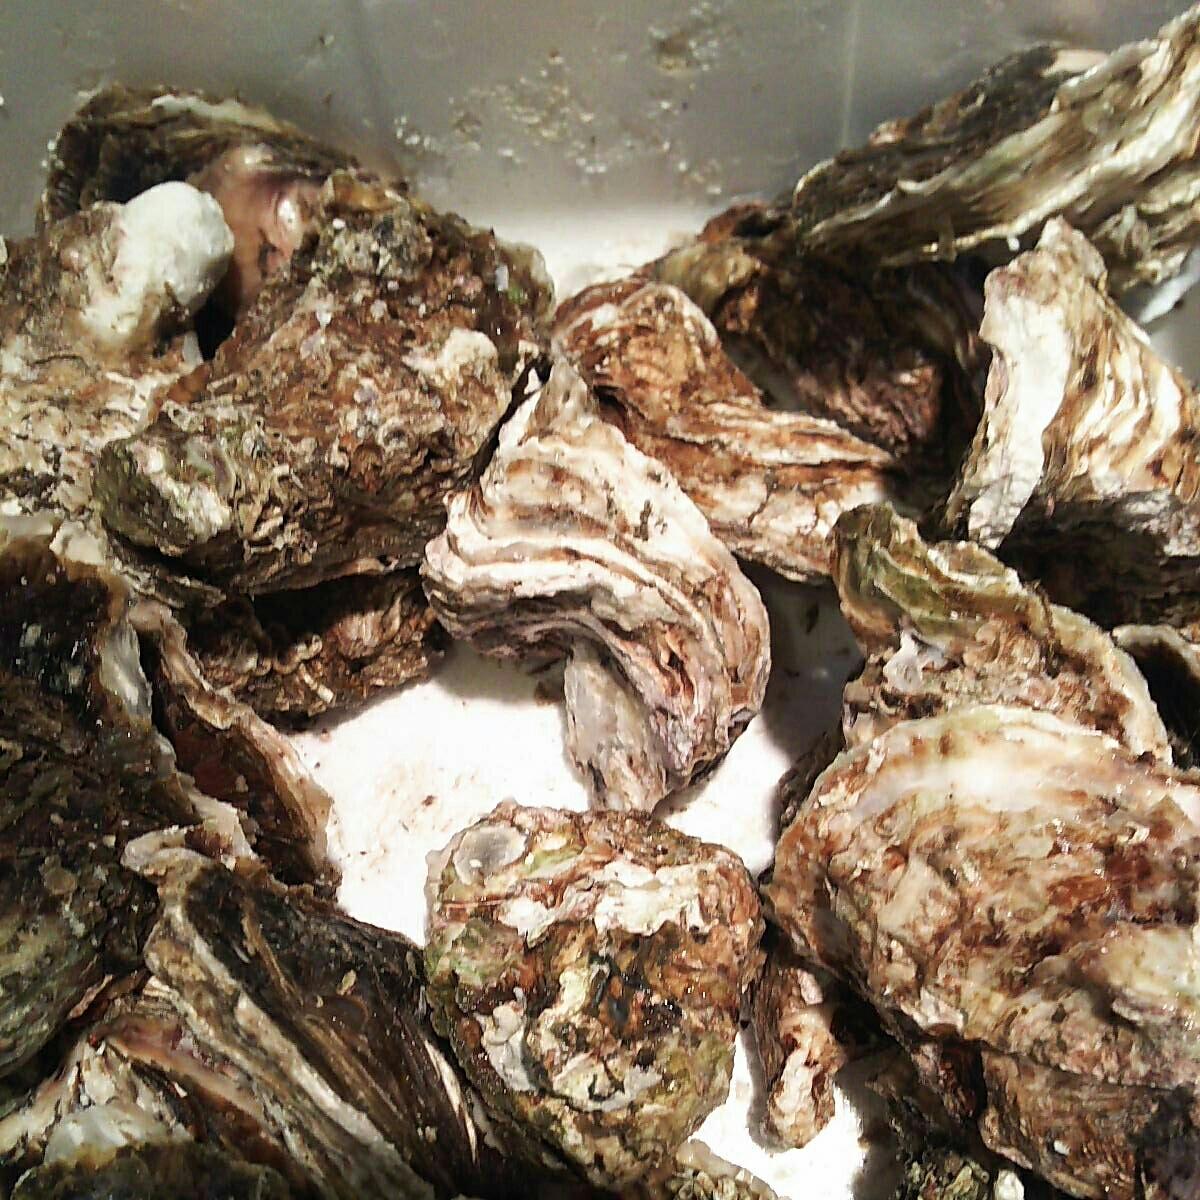 天然岩牡蠣6.5キロ一箱。普通サイズ。普通でも水牡蠣よりも大きい岩牡蠣です。_画像4